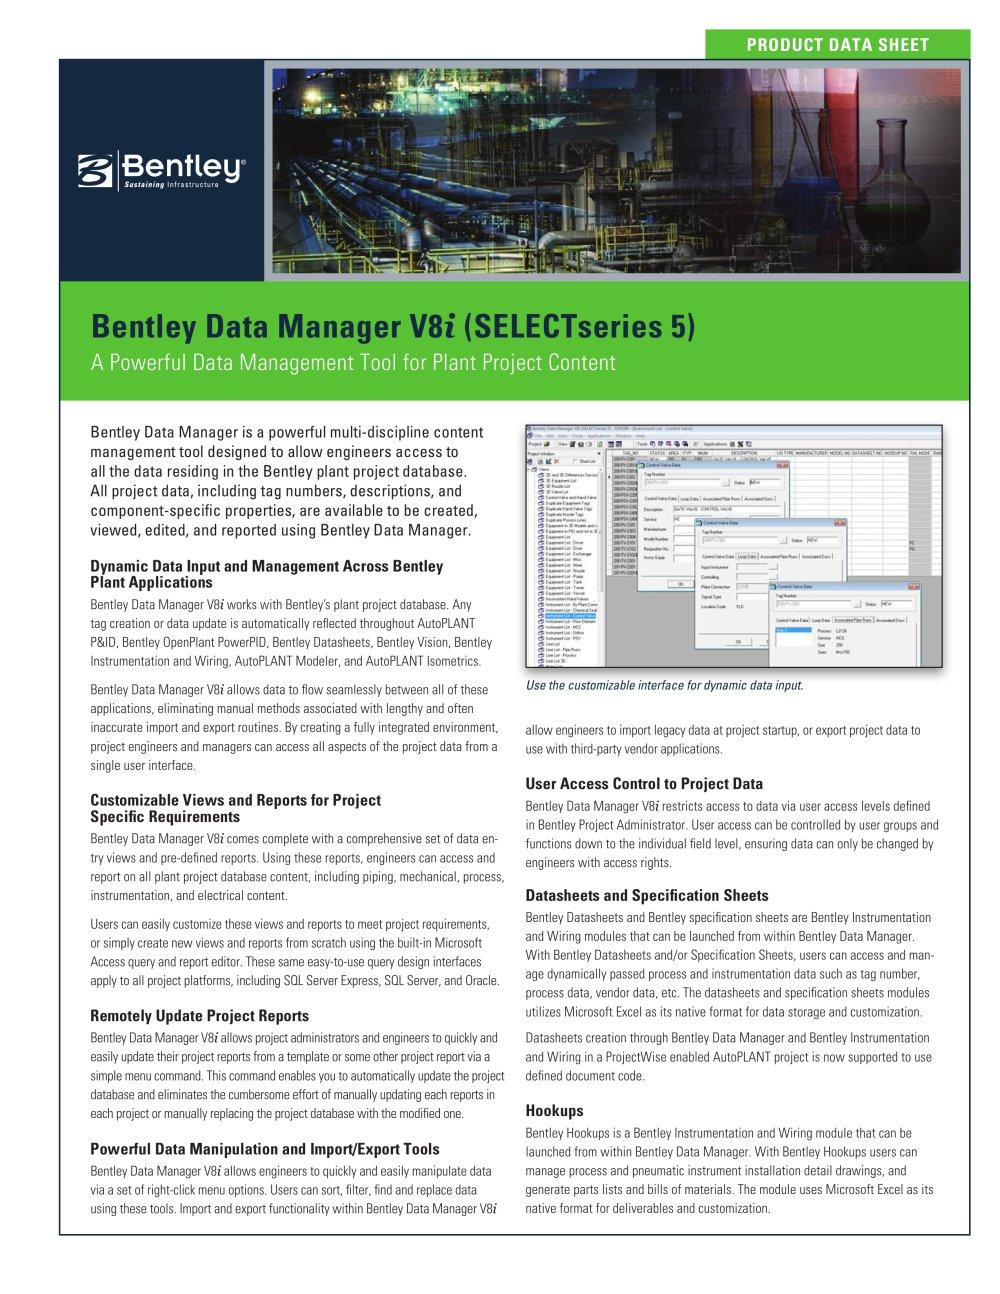 Bentley Data Manager V8i - 1 / 2 Pages